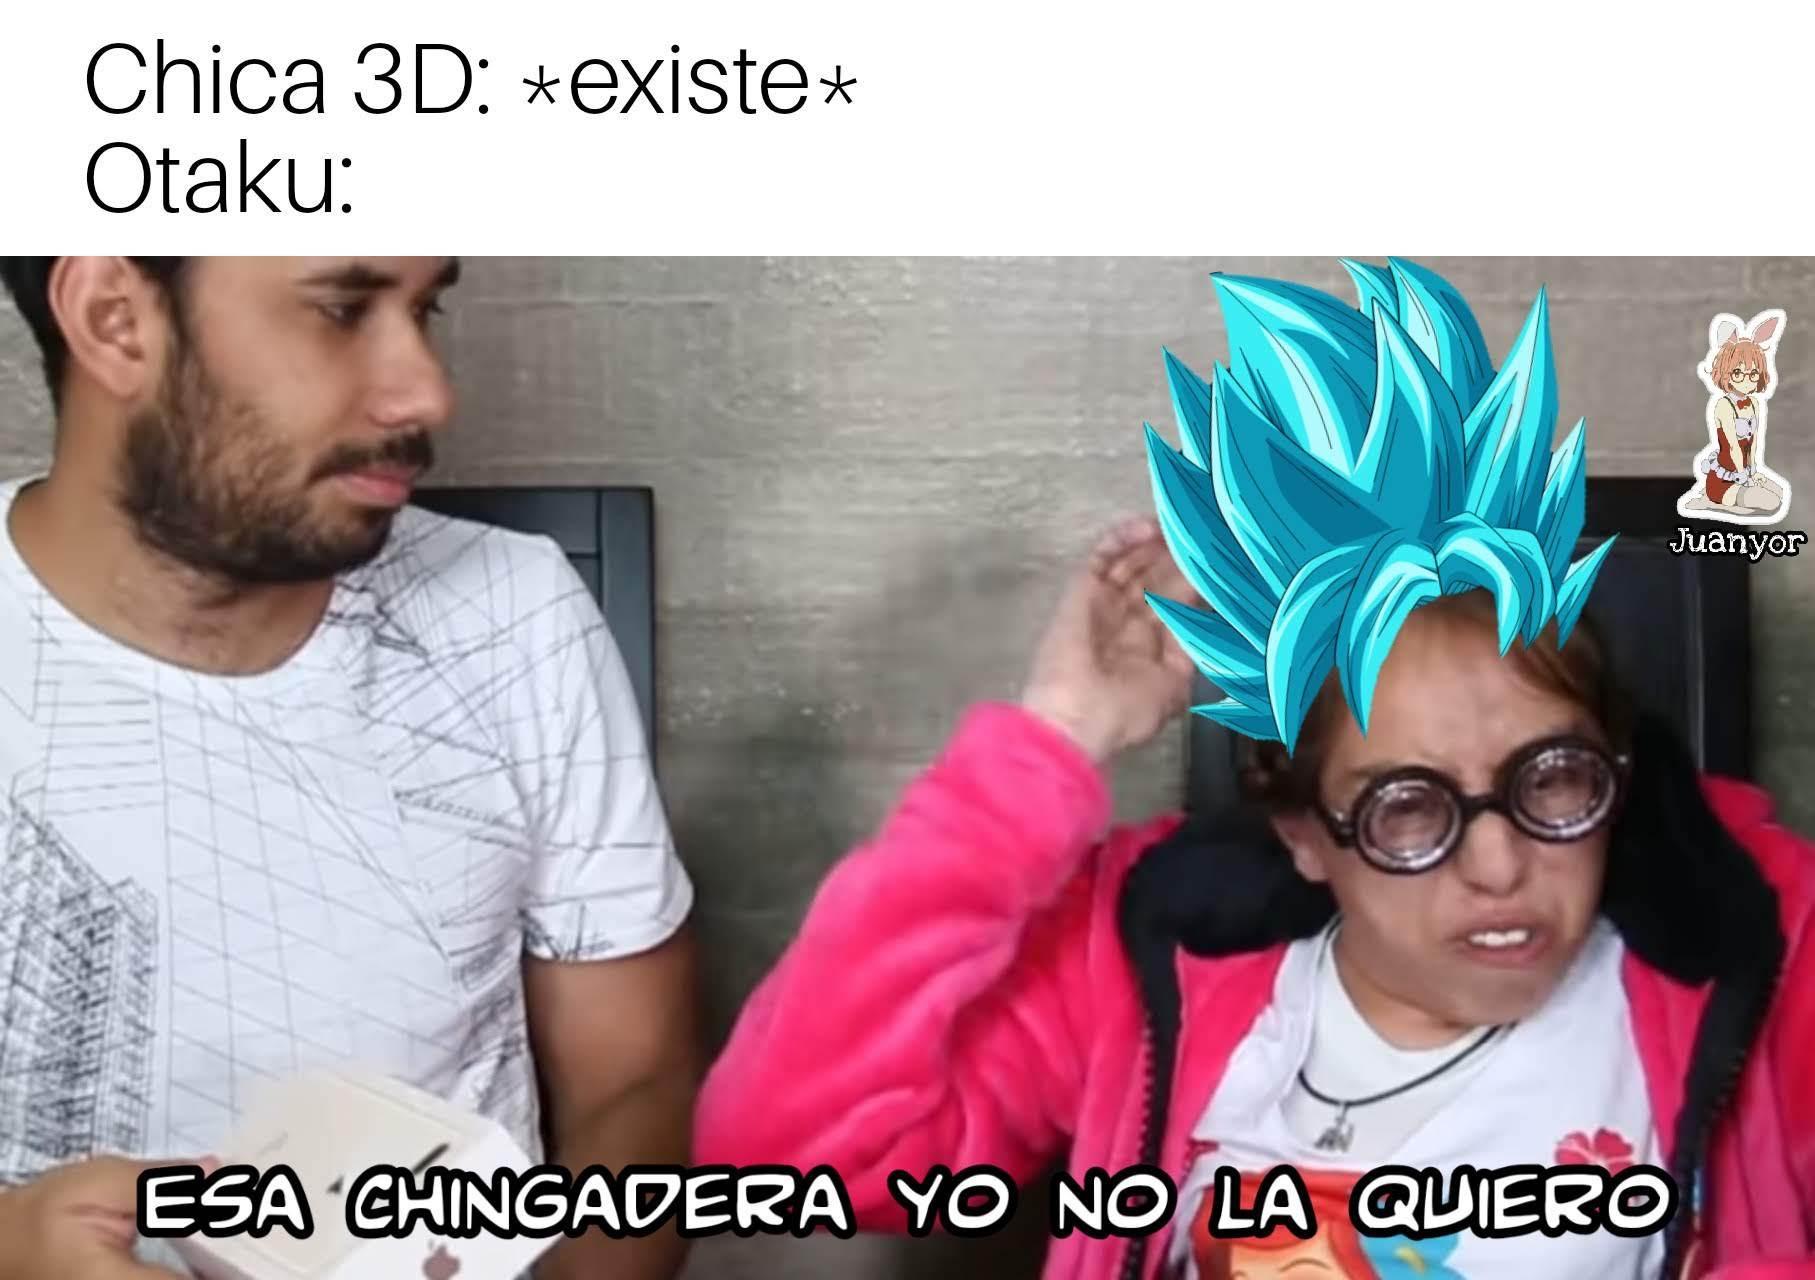 Más weas  totakus - meme